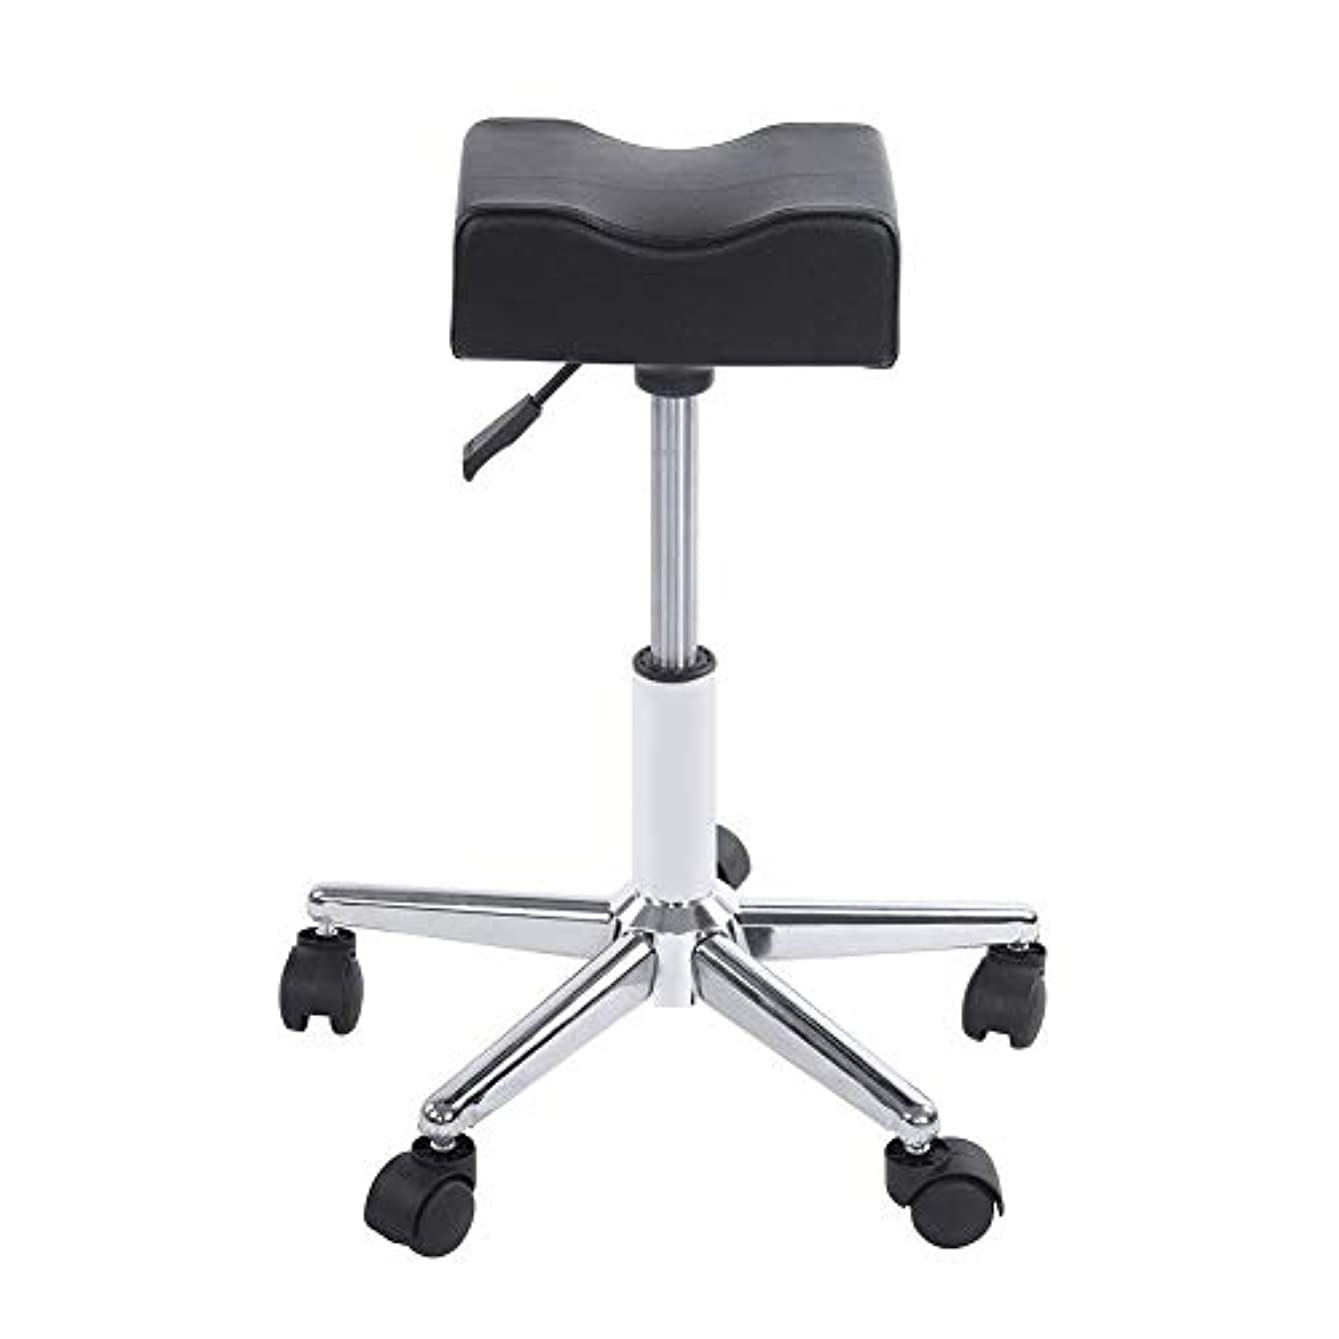 ジュース僕の翻訳者ローリングスツール、高さ調節可能な回転椅子ネイルショップスツールチェア、サロンマッサージ、タトゥー、スパ用の快適なPuレザークッションシート